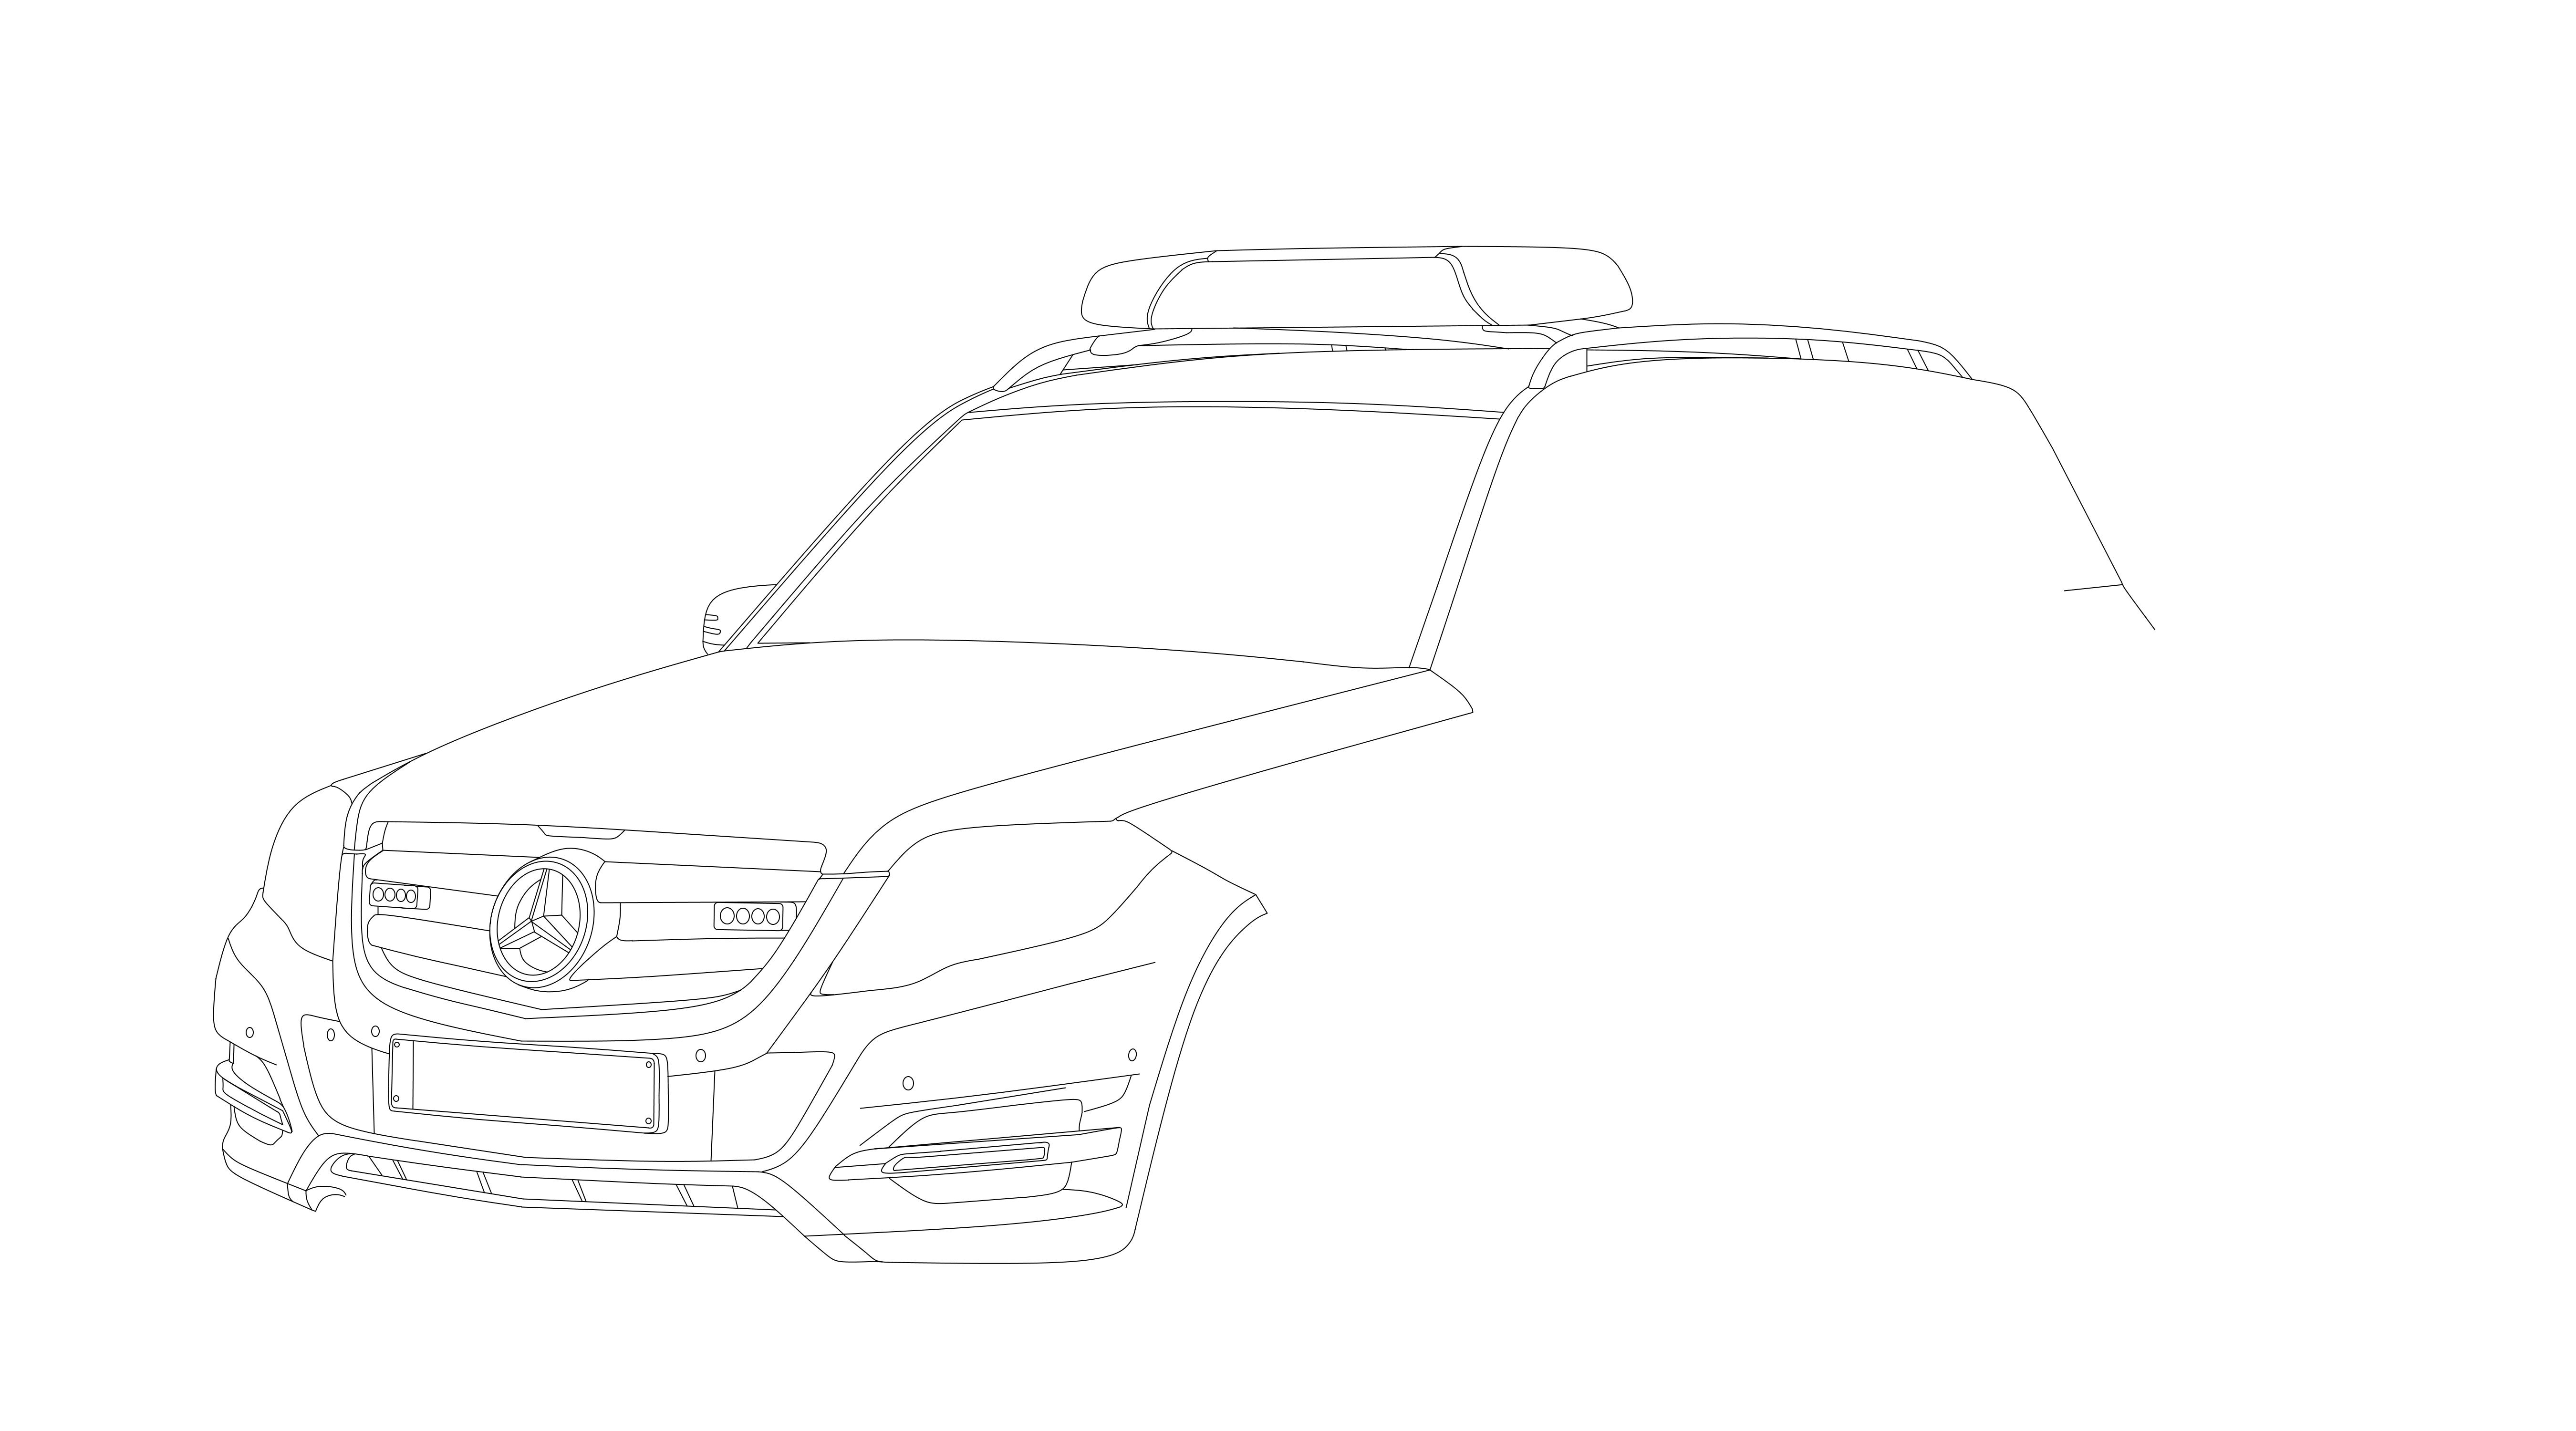 71548-basis-png